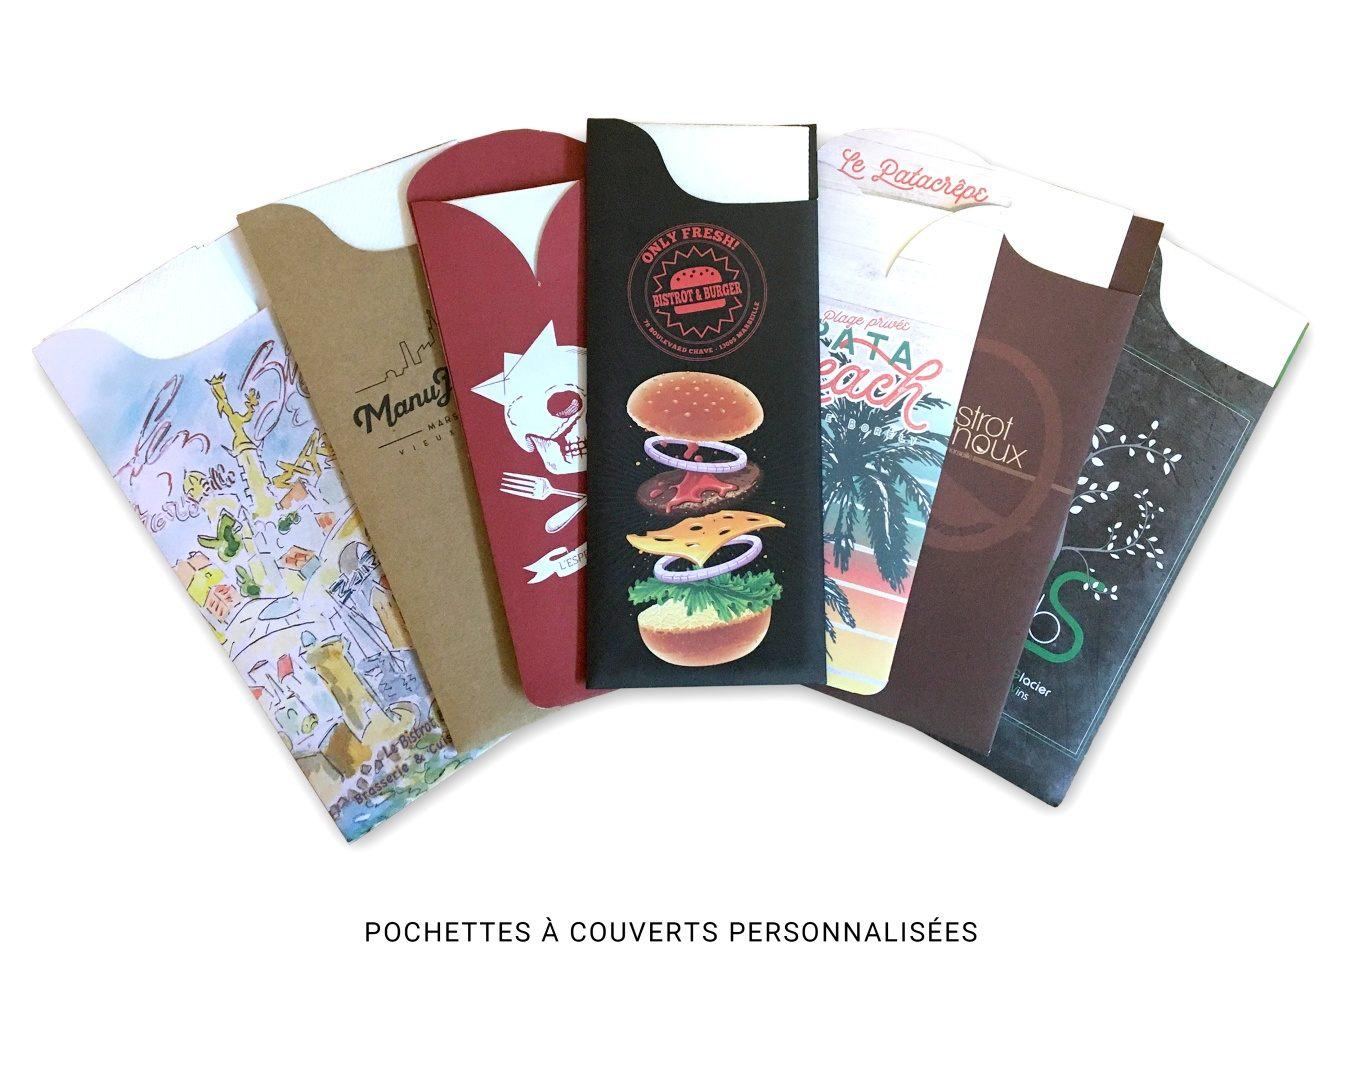 Pochettes couverts personnalis s pochette couverts - Serviette de table personnalise ...